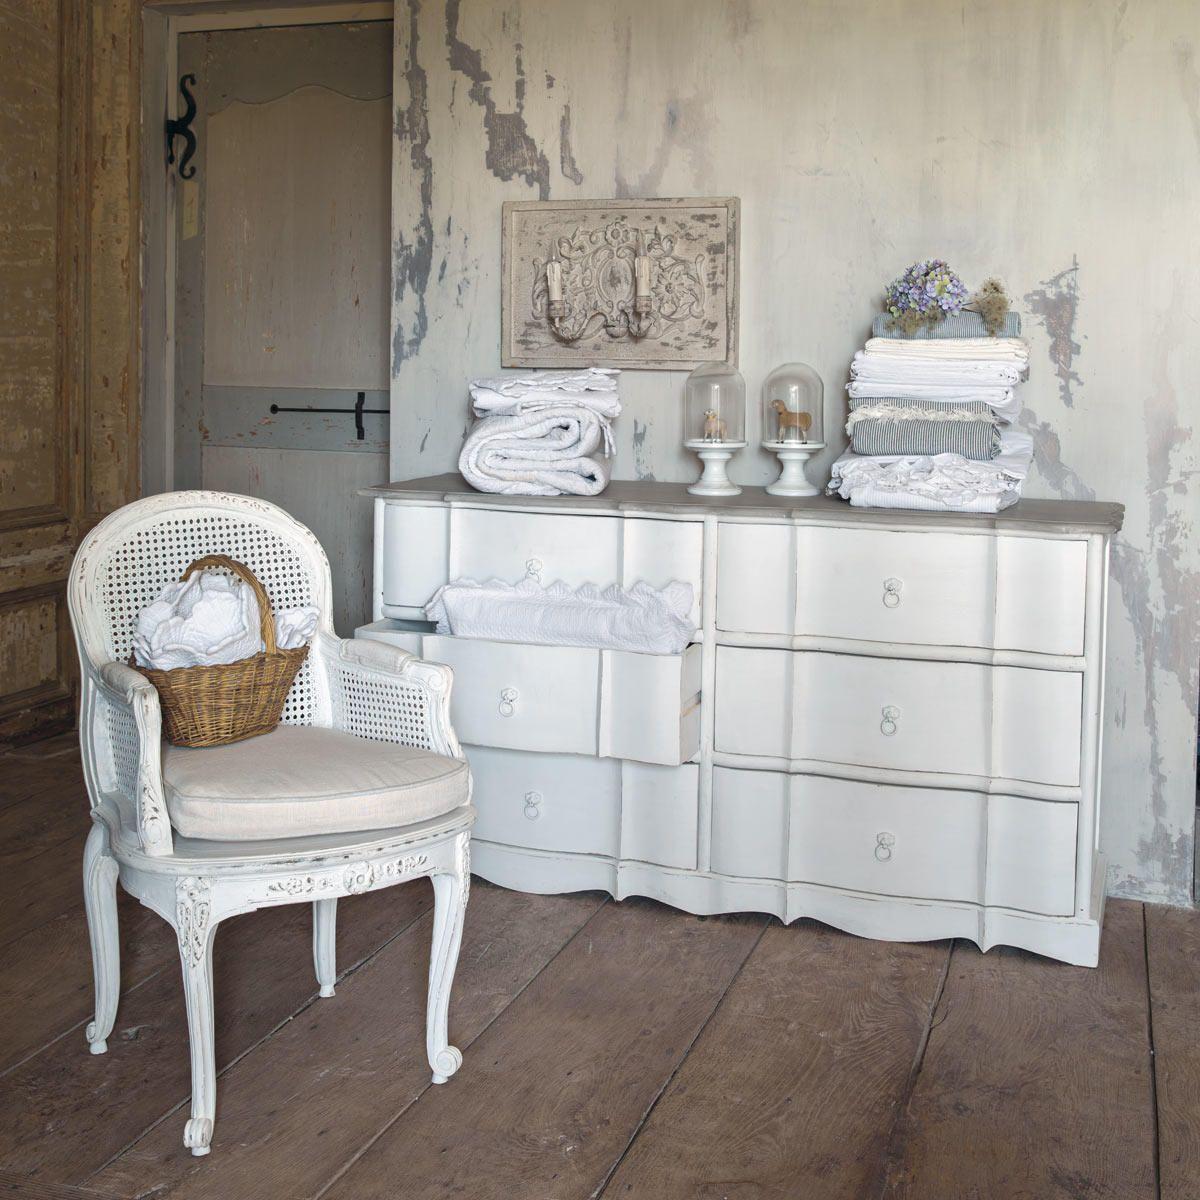 fauteuil en lin blanc segur maisons du monde maison de. Black Bedroom Furniture Sets. Home Design Ideas